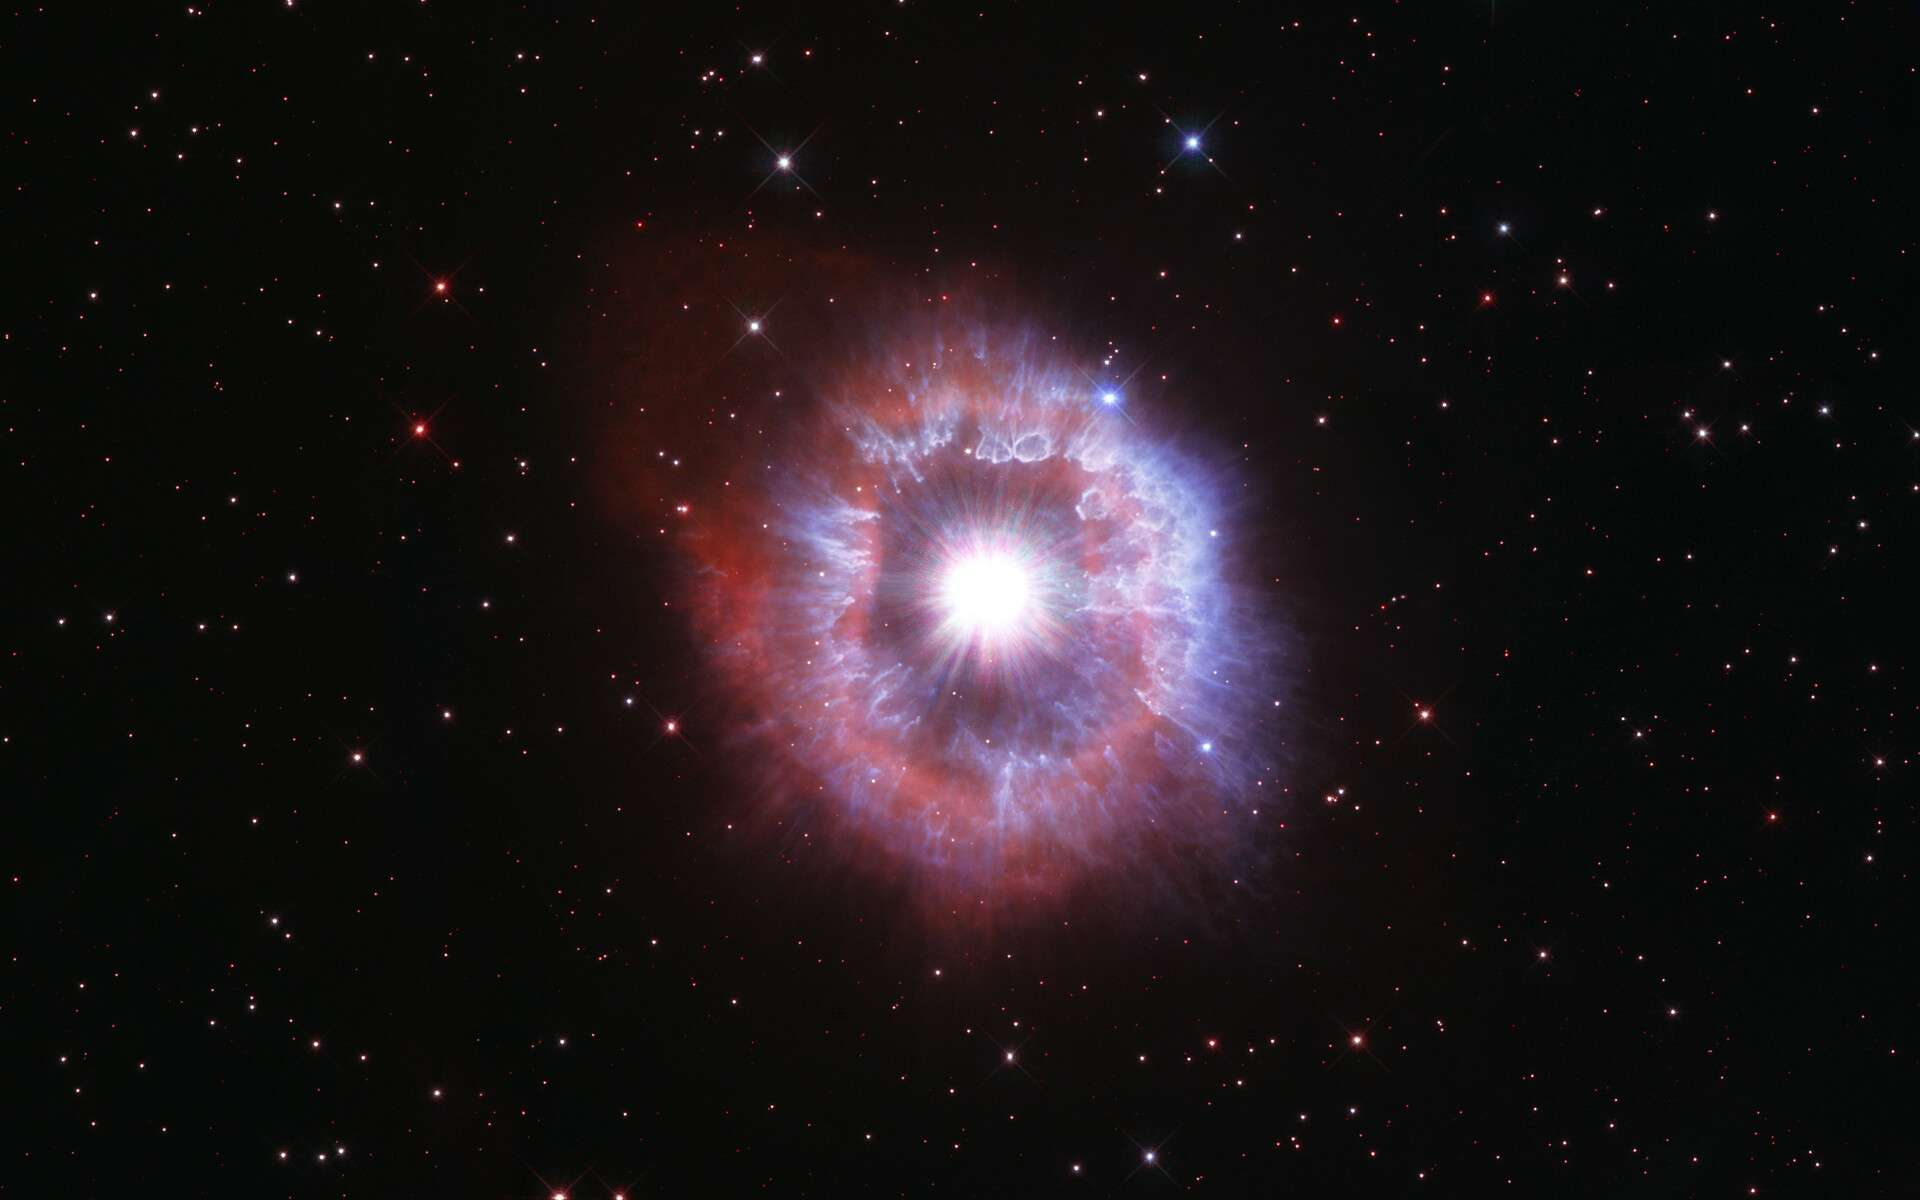 Pour célébrer le 31e anniversaire du lancement du télescope spatial Hubble, les astronomes ont dirigé le célèbre observatoire vers l'une des étoiles les plus brillantes de notre Galaxie pour capturer sa beauté. L'étoile géante présentée dans cette dernière image d'anniversaire du télescope spatial Hubble mène un bras de fer entre la gravité et le rayonnement pour éviter l'autodestruction. L'étoile, appelée AG Carinae, est entourée d'une coquille en expansion de gaz et de poussières. La nébuleuse mesure environ cinq années-lumière de large, ce qui équivaut à la distance d'ici à notre étoile la plus proche, Proxima du Centaure. © Nasa, ESA and STScI